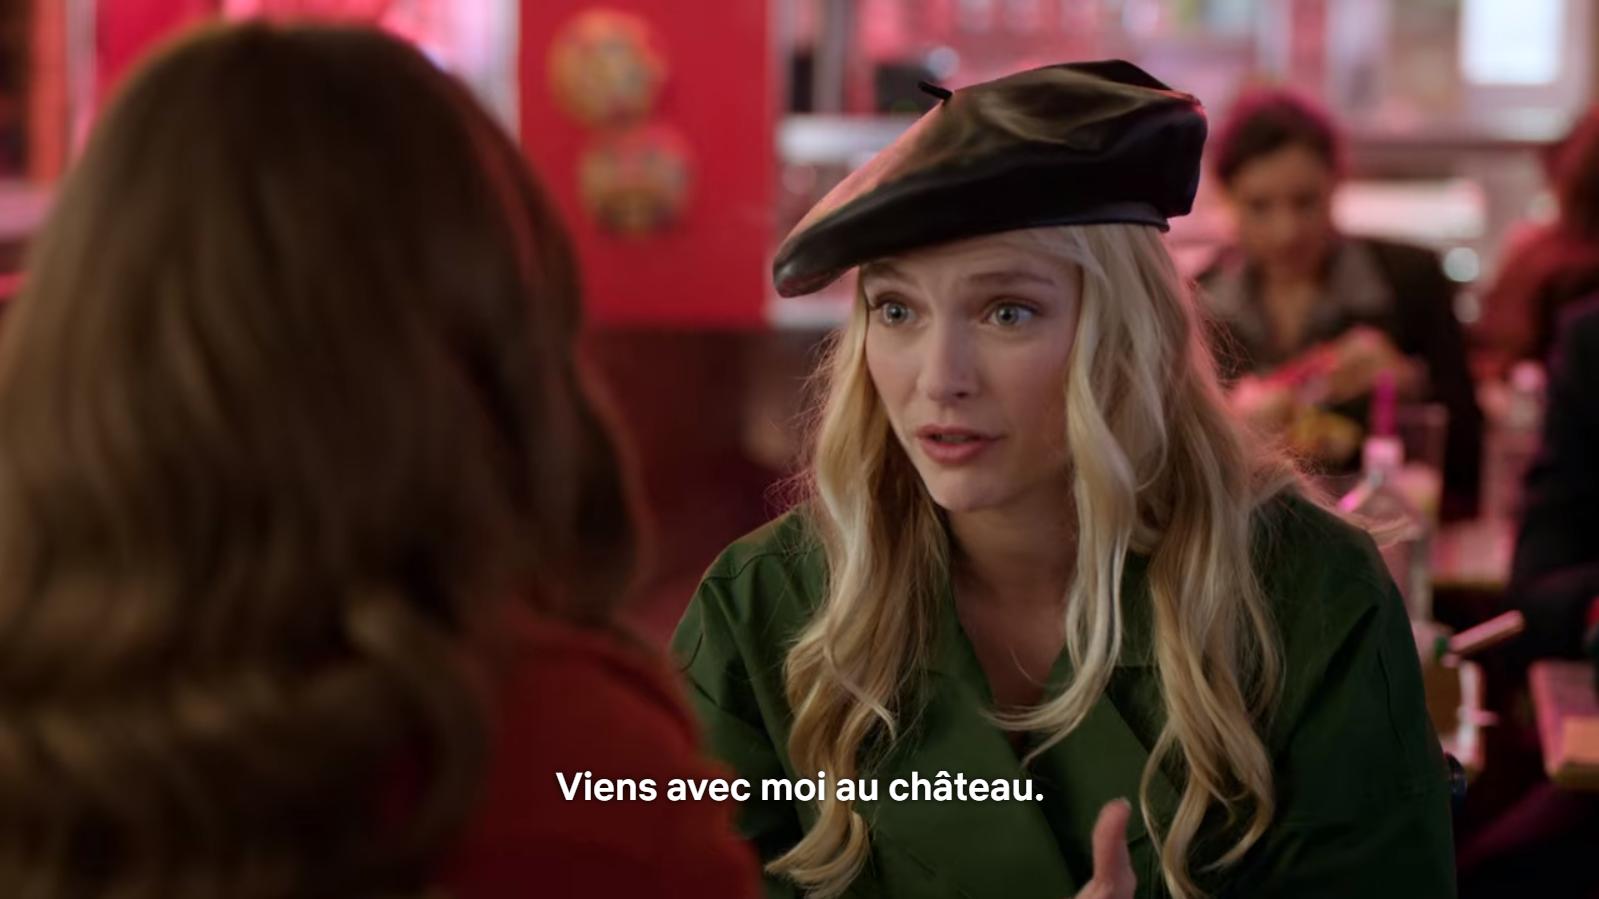 En parlant de mode, avez-vous déjà vu des Parisiennes portant un béret ? Sur Netflix, oui...